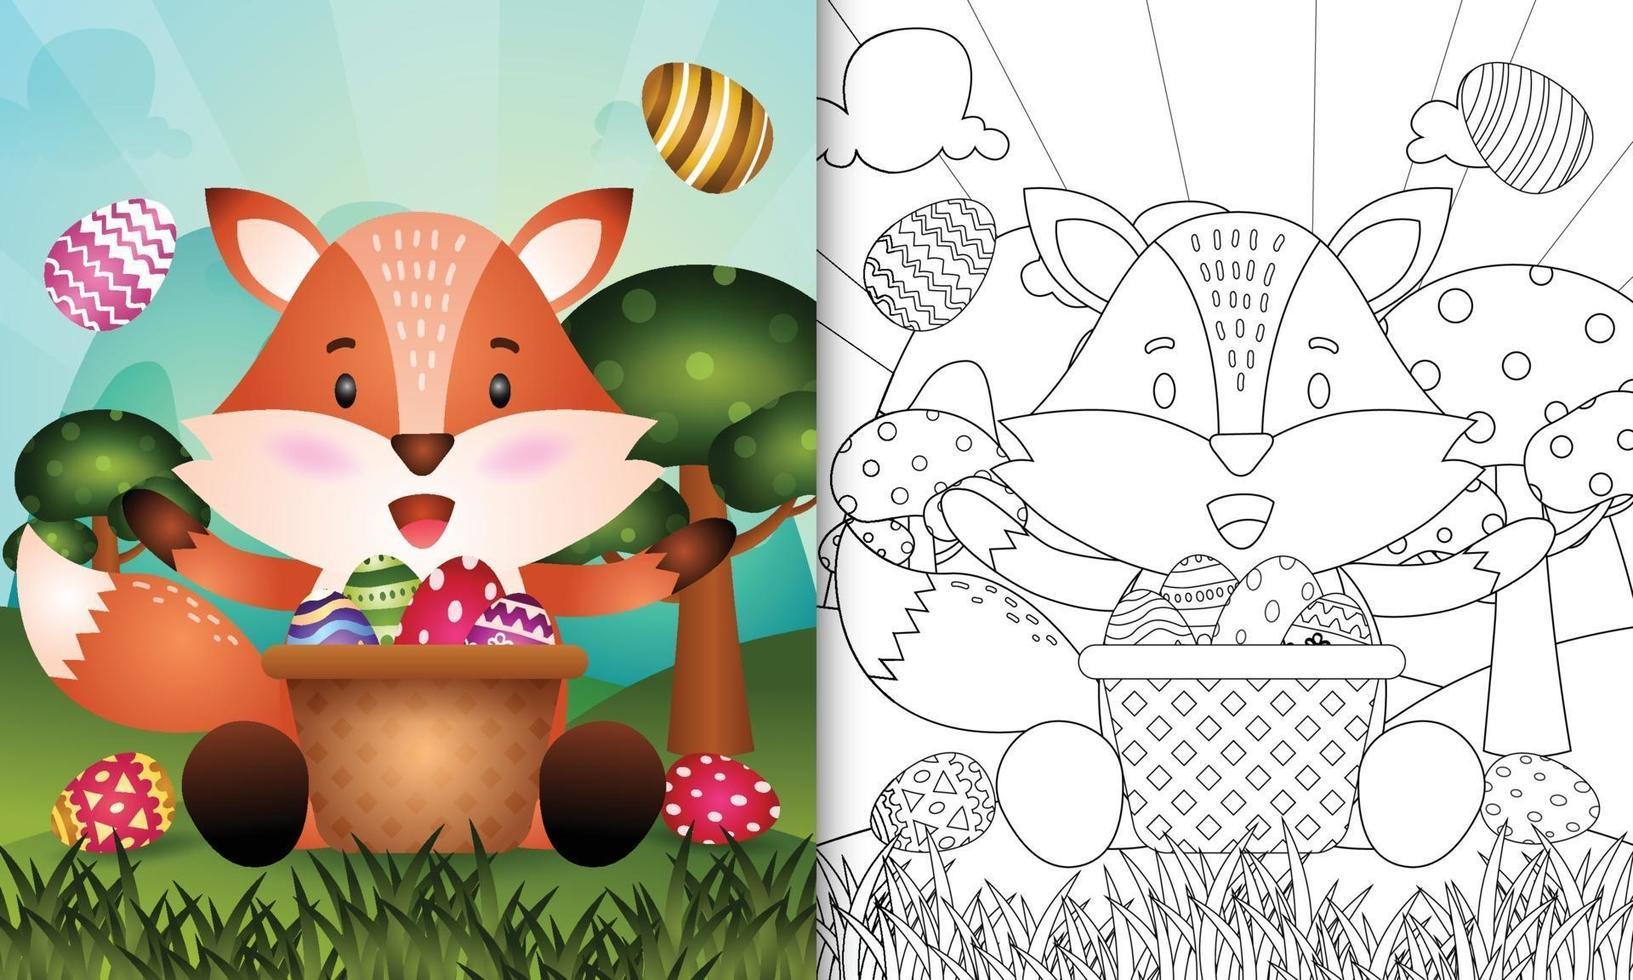 livro de colorir para crianças com tema feliz dia de Páscoa com ilustração de personagem de uma raposa fofa no ovo balde vetor